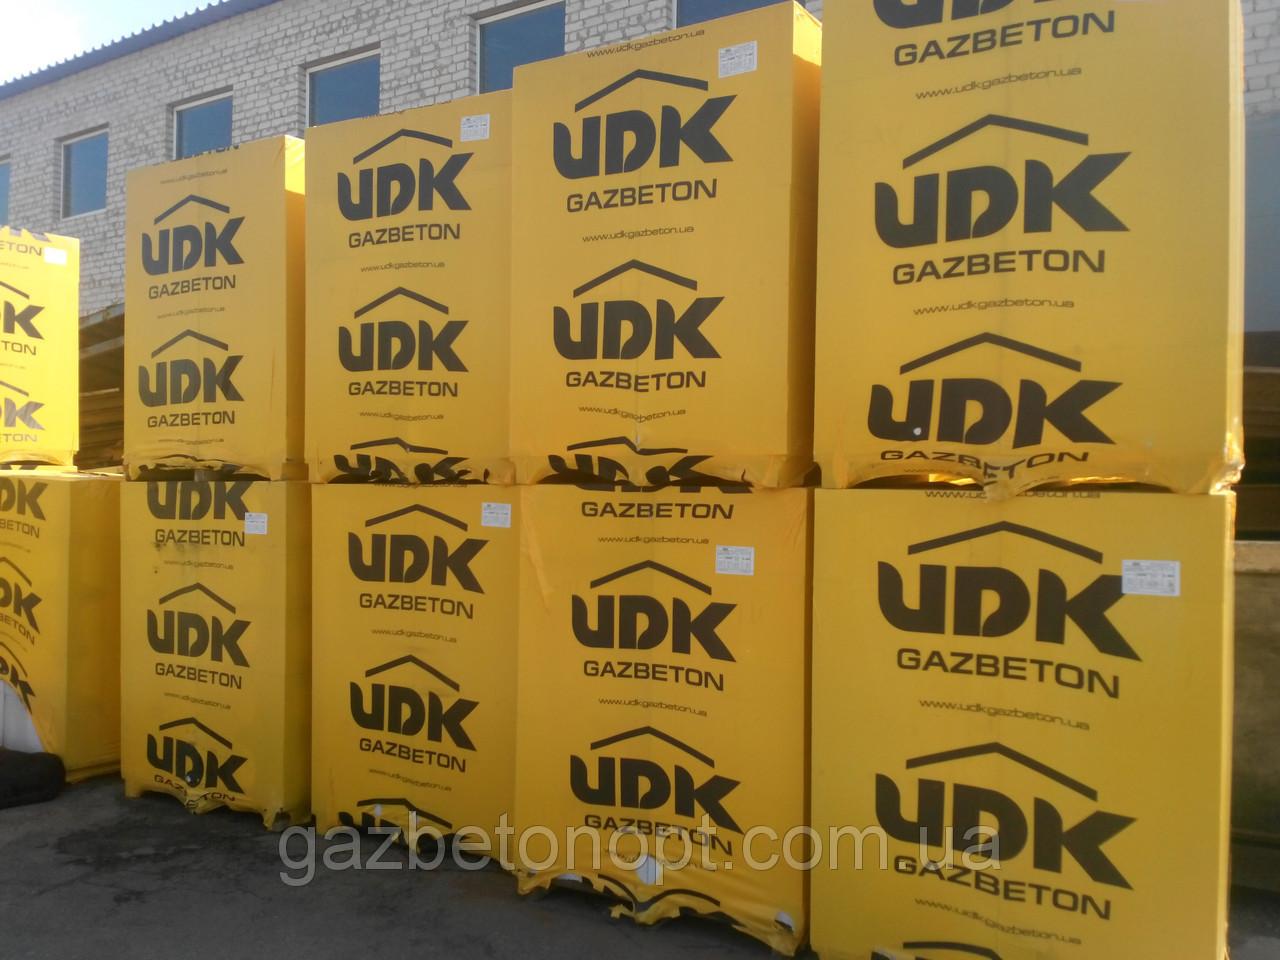 Газобетон, Газоблок, Газобетонные стеновые блоки ЮДК (UDK) 600*400*200 D400 - Материалы для строительства и отделки стен в Харькове